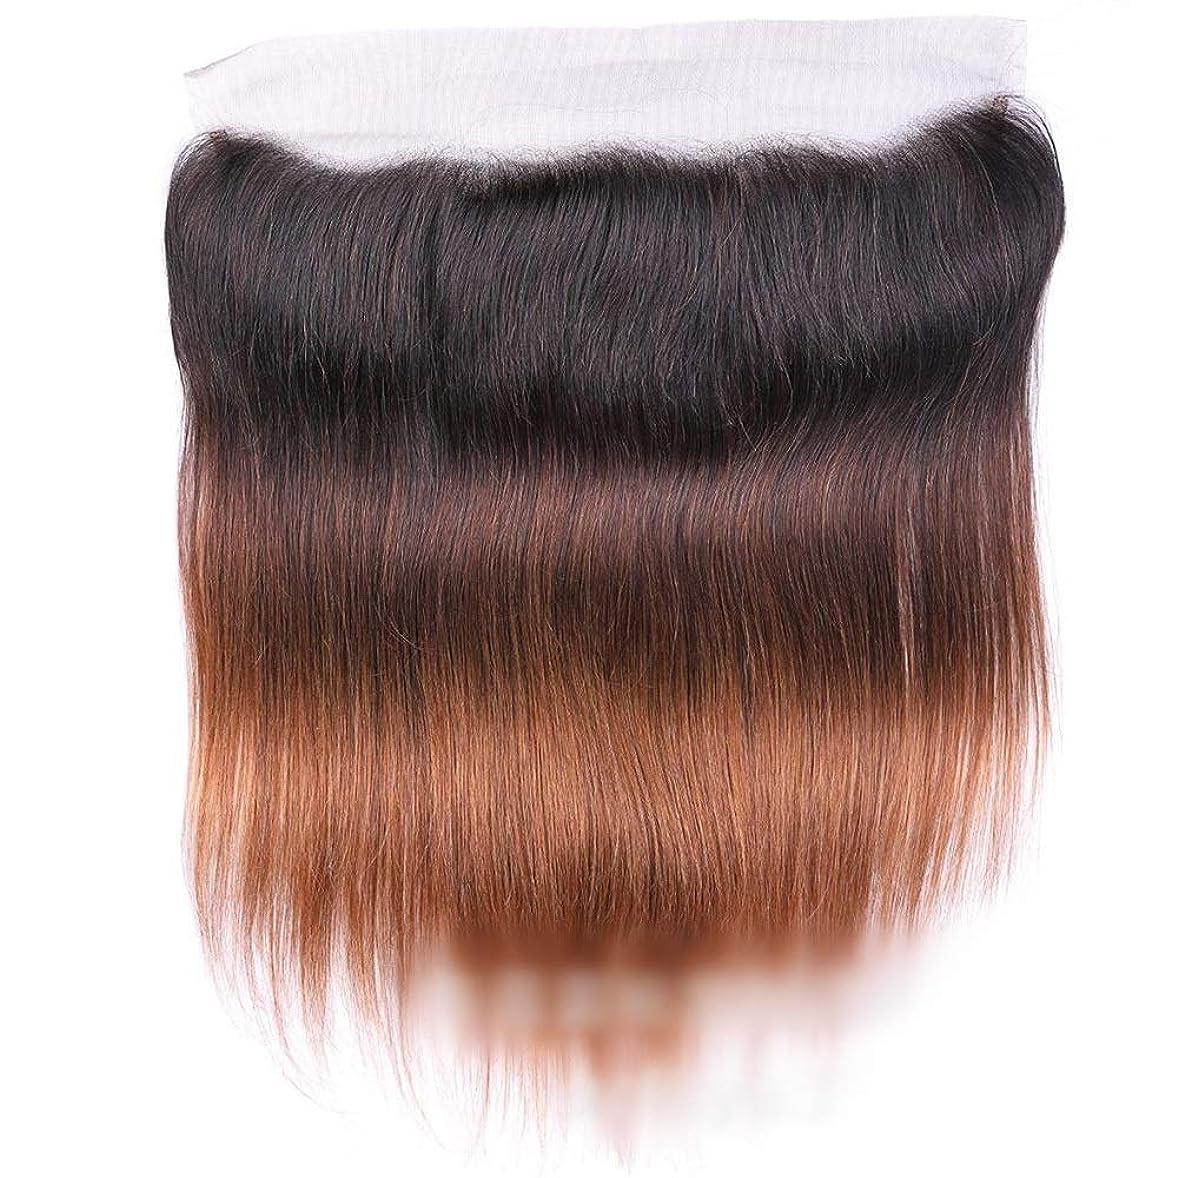 暖炉に話すできたHOHYLLYA オンブルブラジルバージンヘアストレートレース閉鎖人間の髪の毛1B / 4/30 3トーンカラー(8インチ18インチ)ロングストレートヘアウィッグ (色 : ブラウン, サイズ : 18 inch)